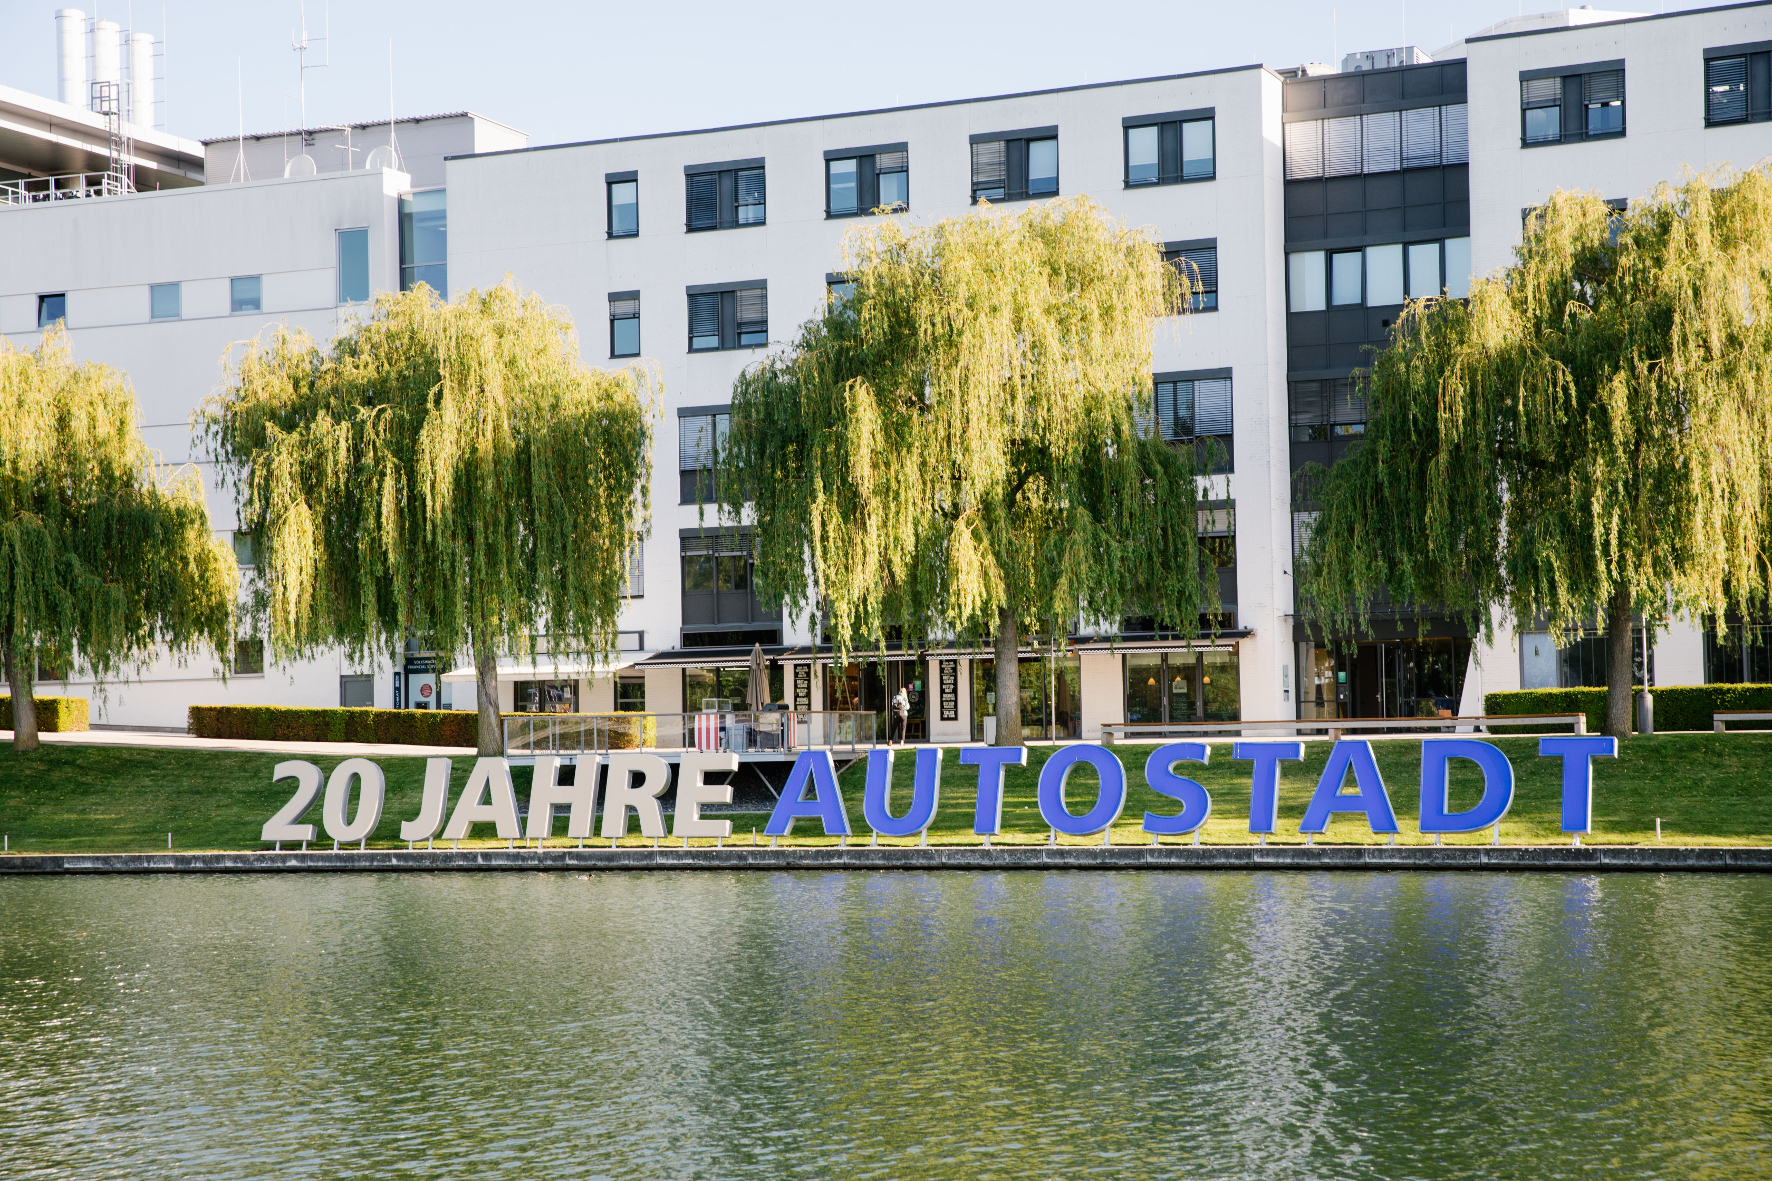 mid Groß-Gerau - Hier bekommen es die Besucher schriftlich: Seit 20 Jahren gibt es in Wolfsburg die Autostadt. Volkswagen